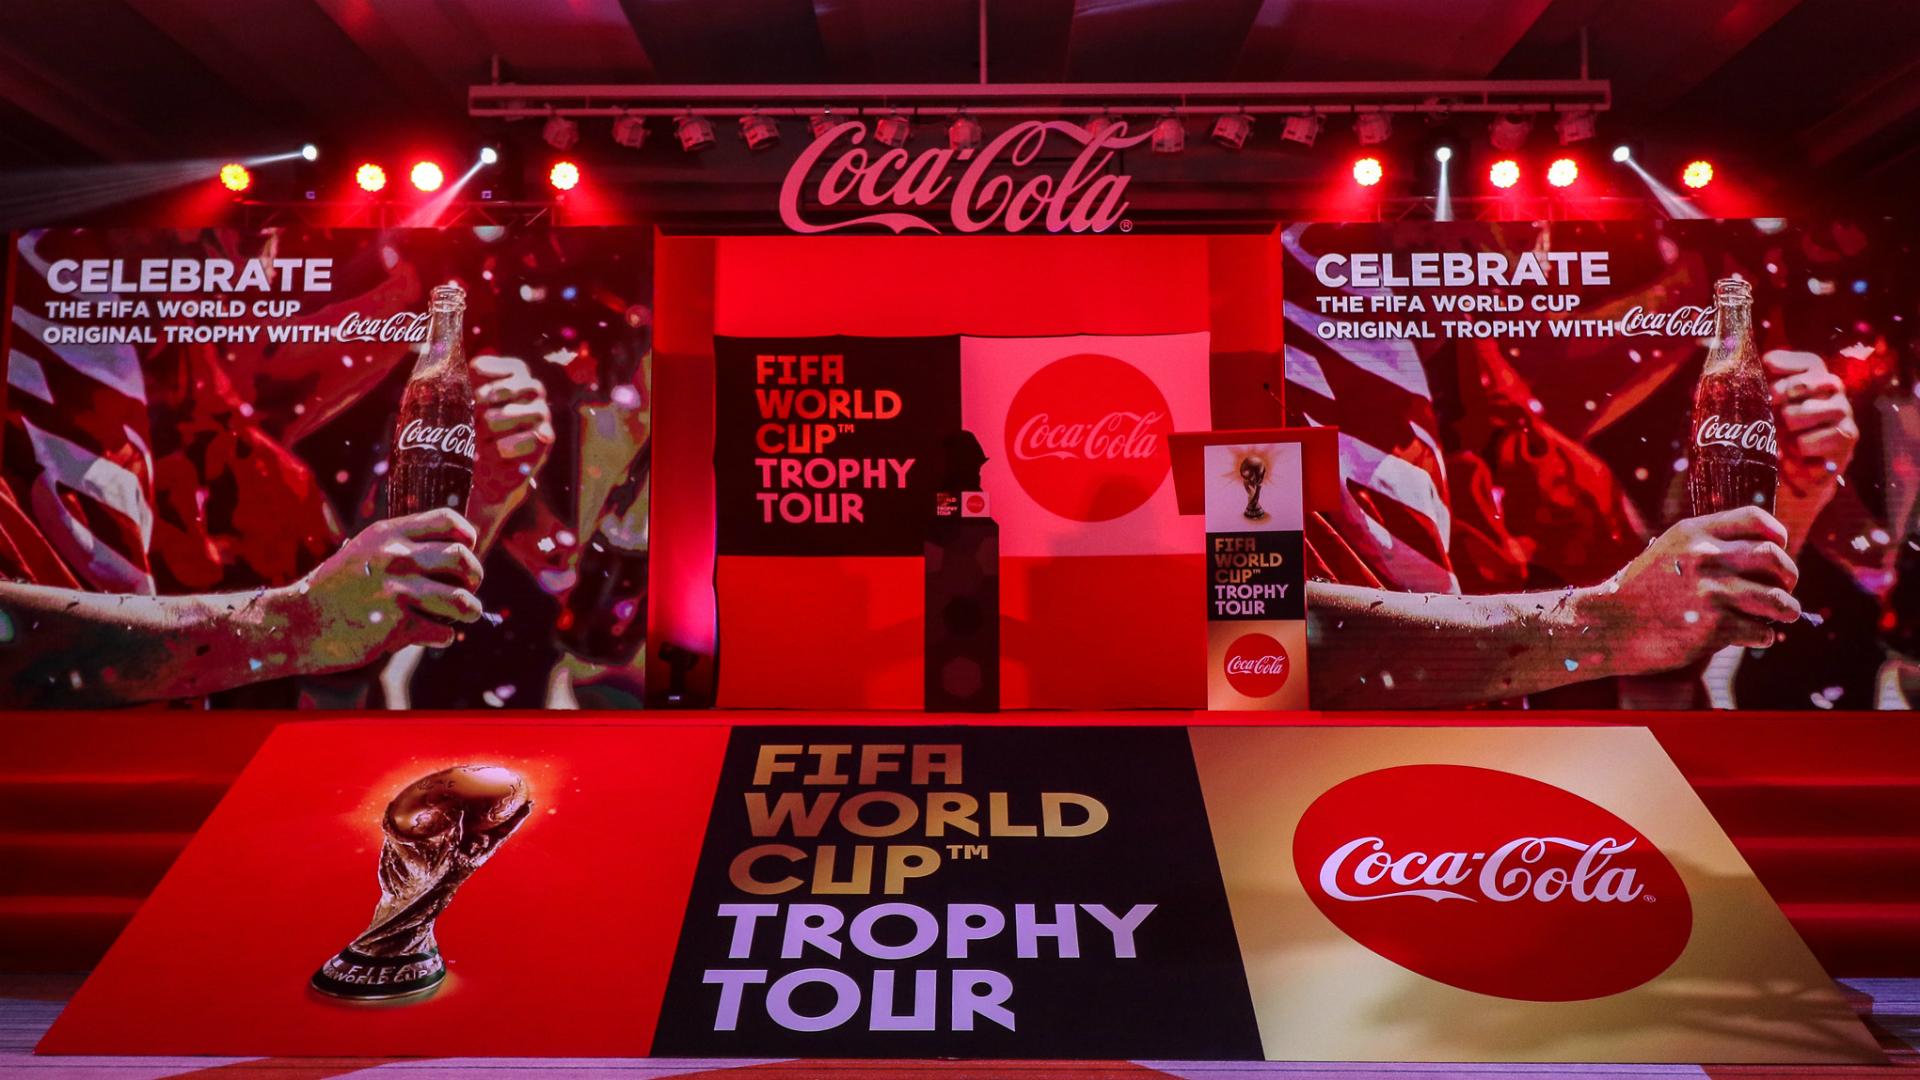 Most Inspiring Coca Cola World Cup 2018 - coca-cola-trophy-tour-phuket_1qx3w9pi2o0r61o5d1x76hay8n  Trends_15664 .jpg?t\u003d1141152353\u0026quality\u003d90\u0026w\u003d1280